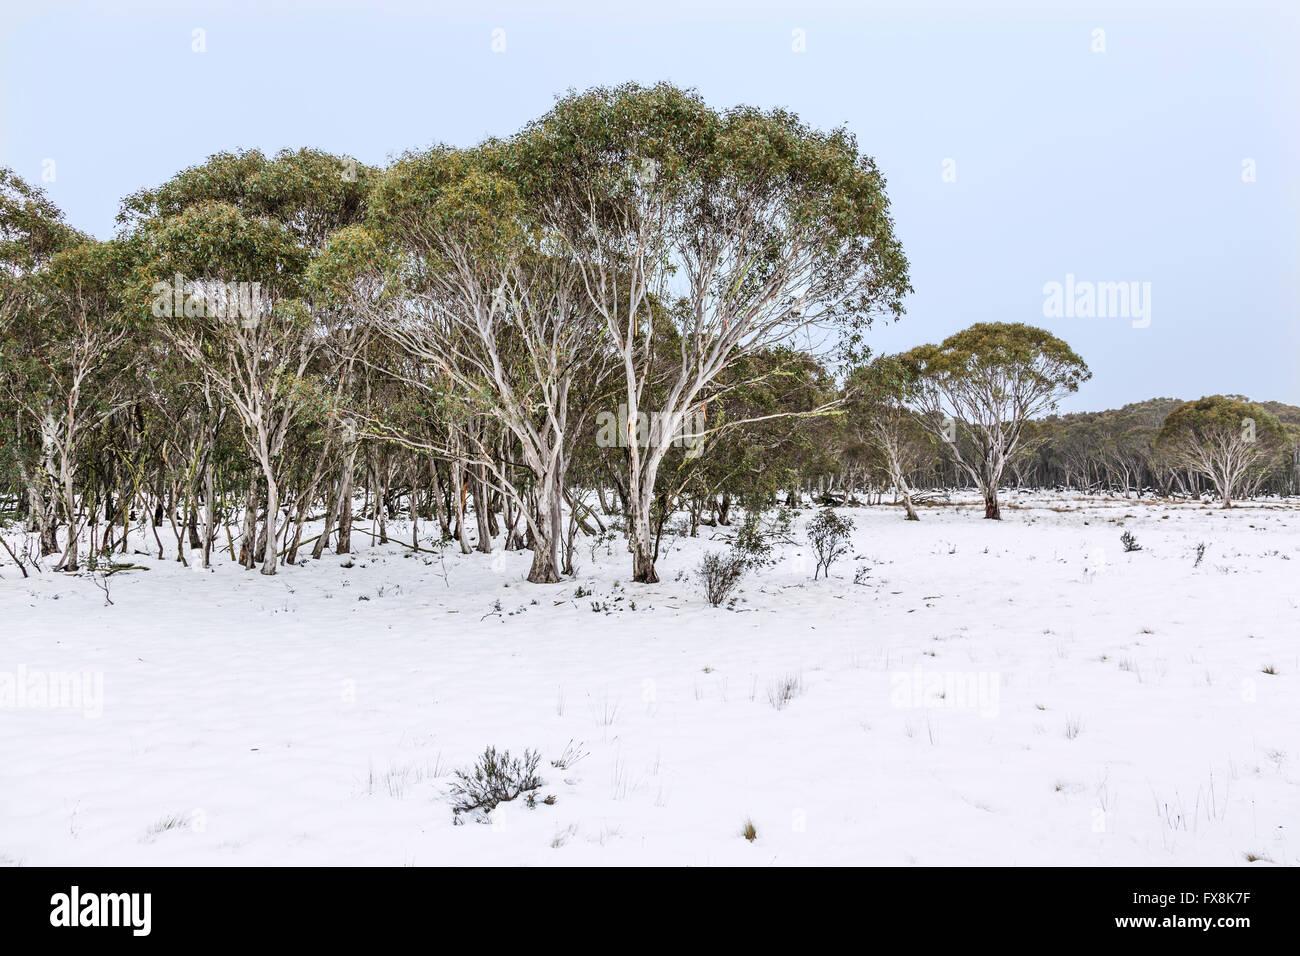 Australia, New South Wales, Snowy Mountains, Kosciusko National Park, Snow Gums, Eucalyptus pauciflora - Stock Image